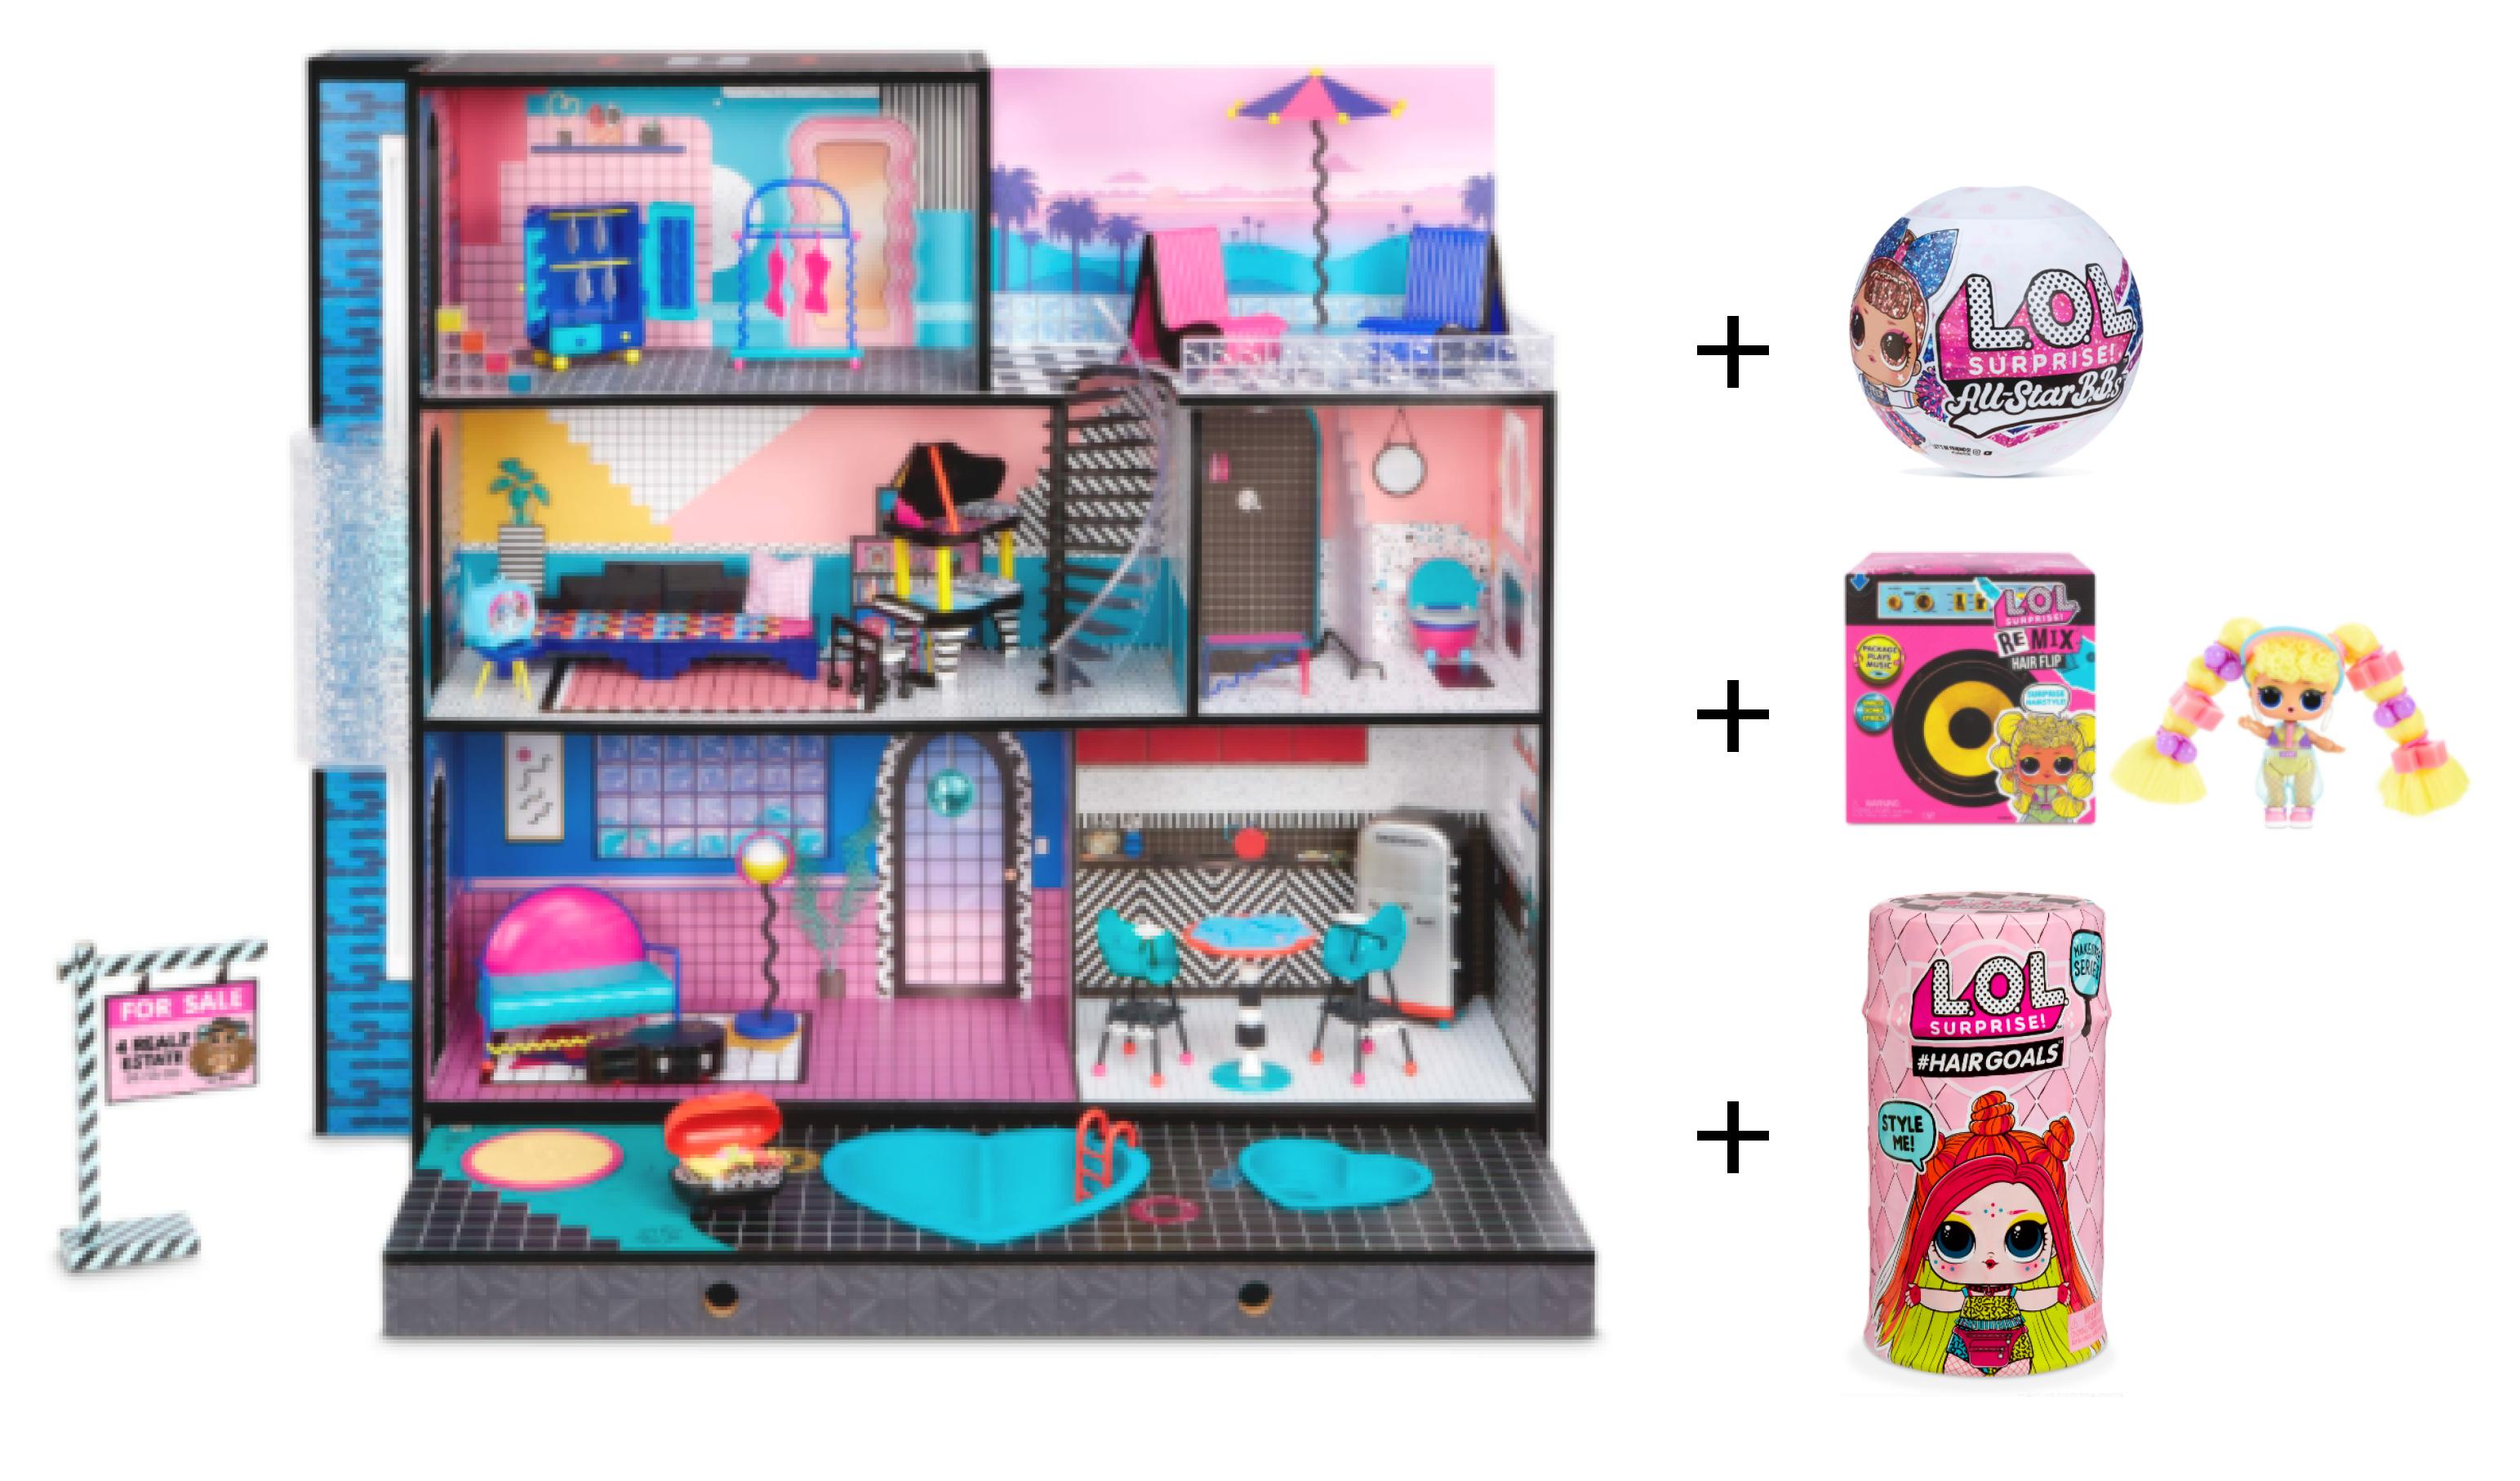 Special Cyber Bundle- L.O.L. Surprise! O.M.G. Wood Doll House plus 3 extra L.O.L. Surprises! - Walmart.com